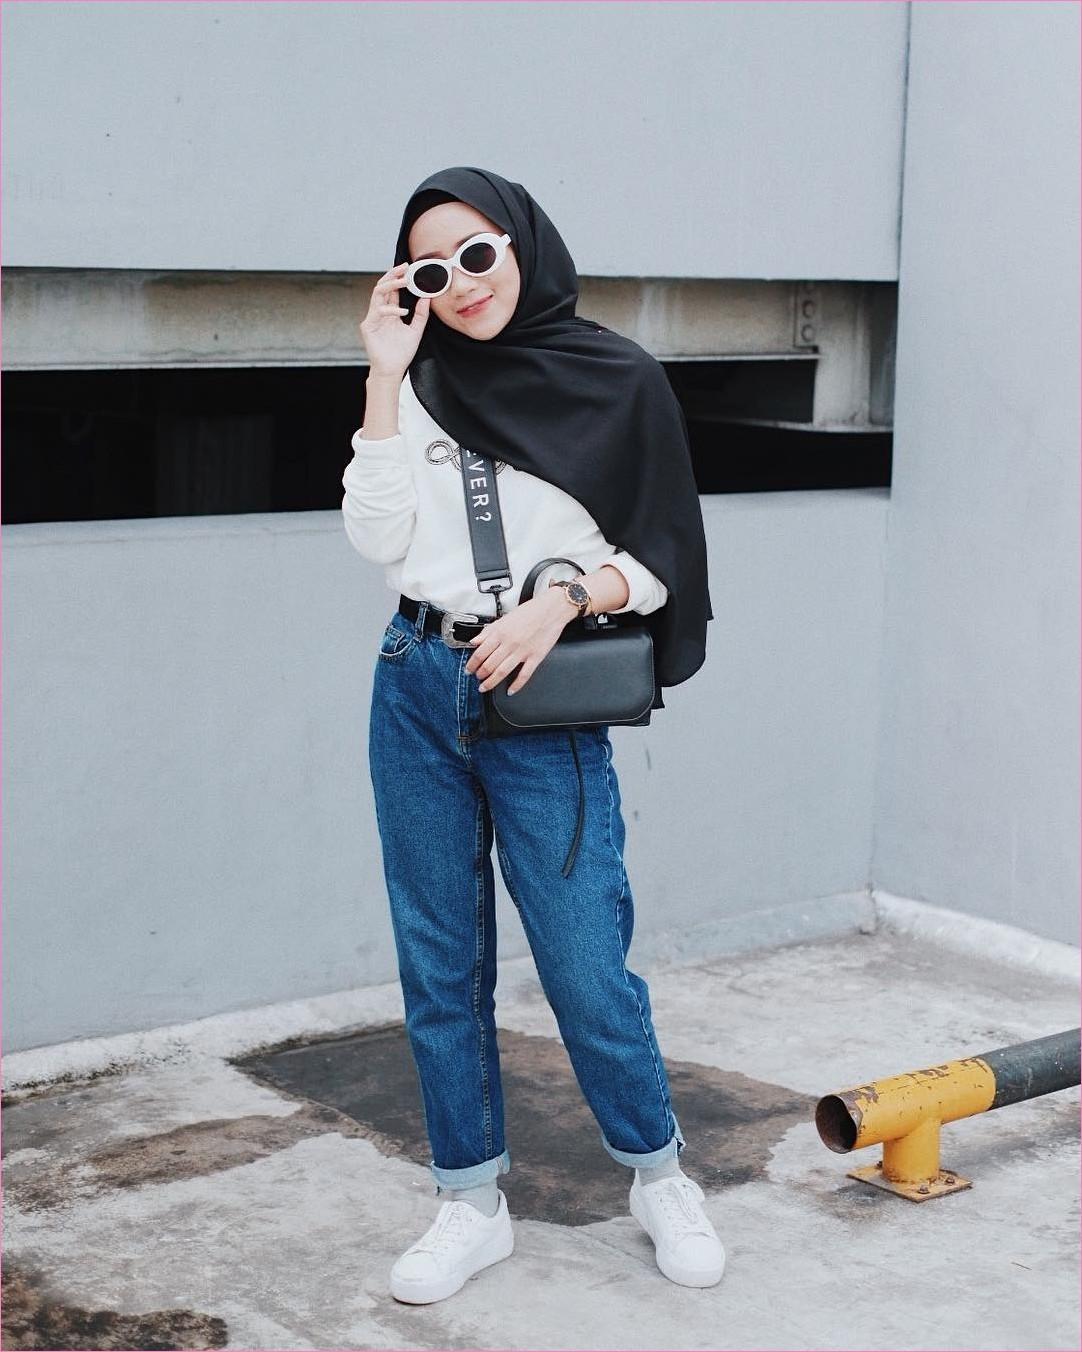 Outfit Celana Jeans Untuk Hijabers Ala Selebgram 2018 blouse mangset tsweaters hijab pahsmina diamond hitam pants jeans denim kets sneakers putih jam tangan kaos kaki abu kacamata bulat ootd trendy